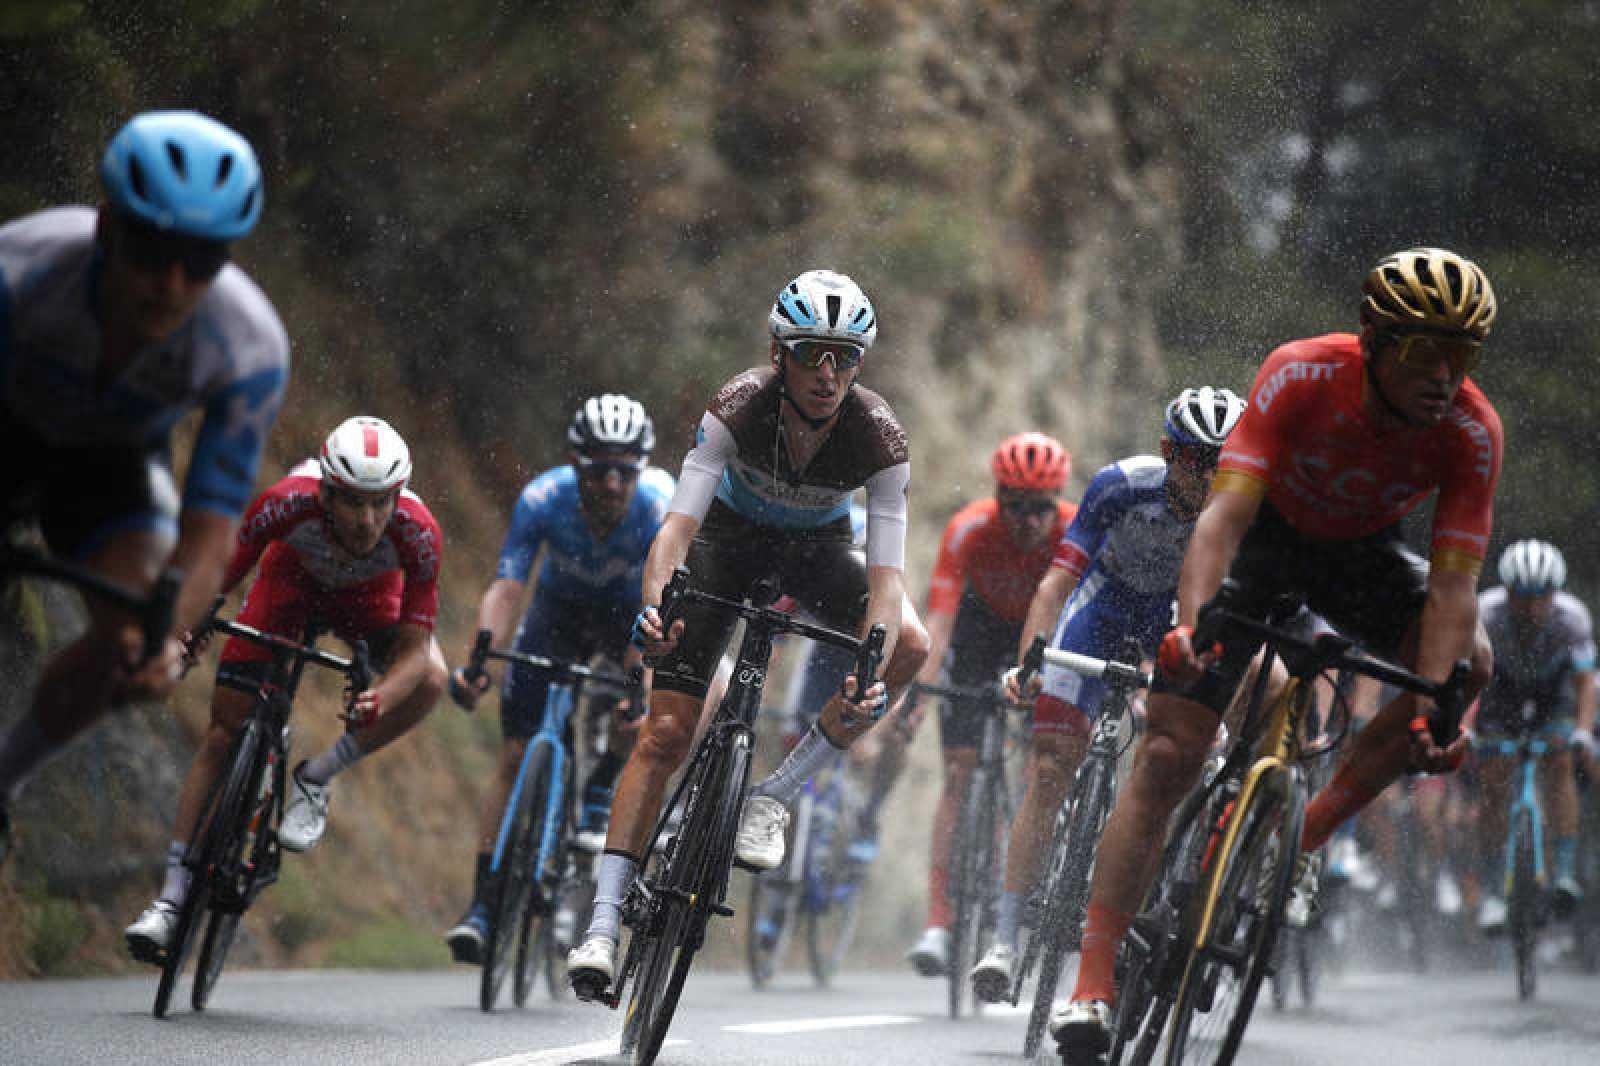 Imagen de los corredores bajo la lluvia de la primera etapa del Tour de Francia 2020.